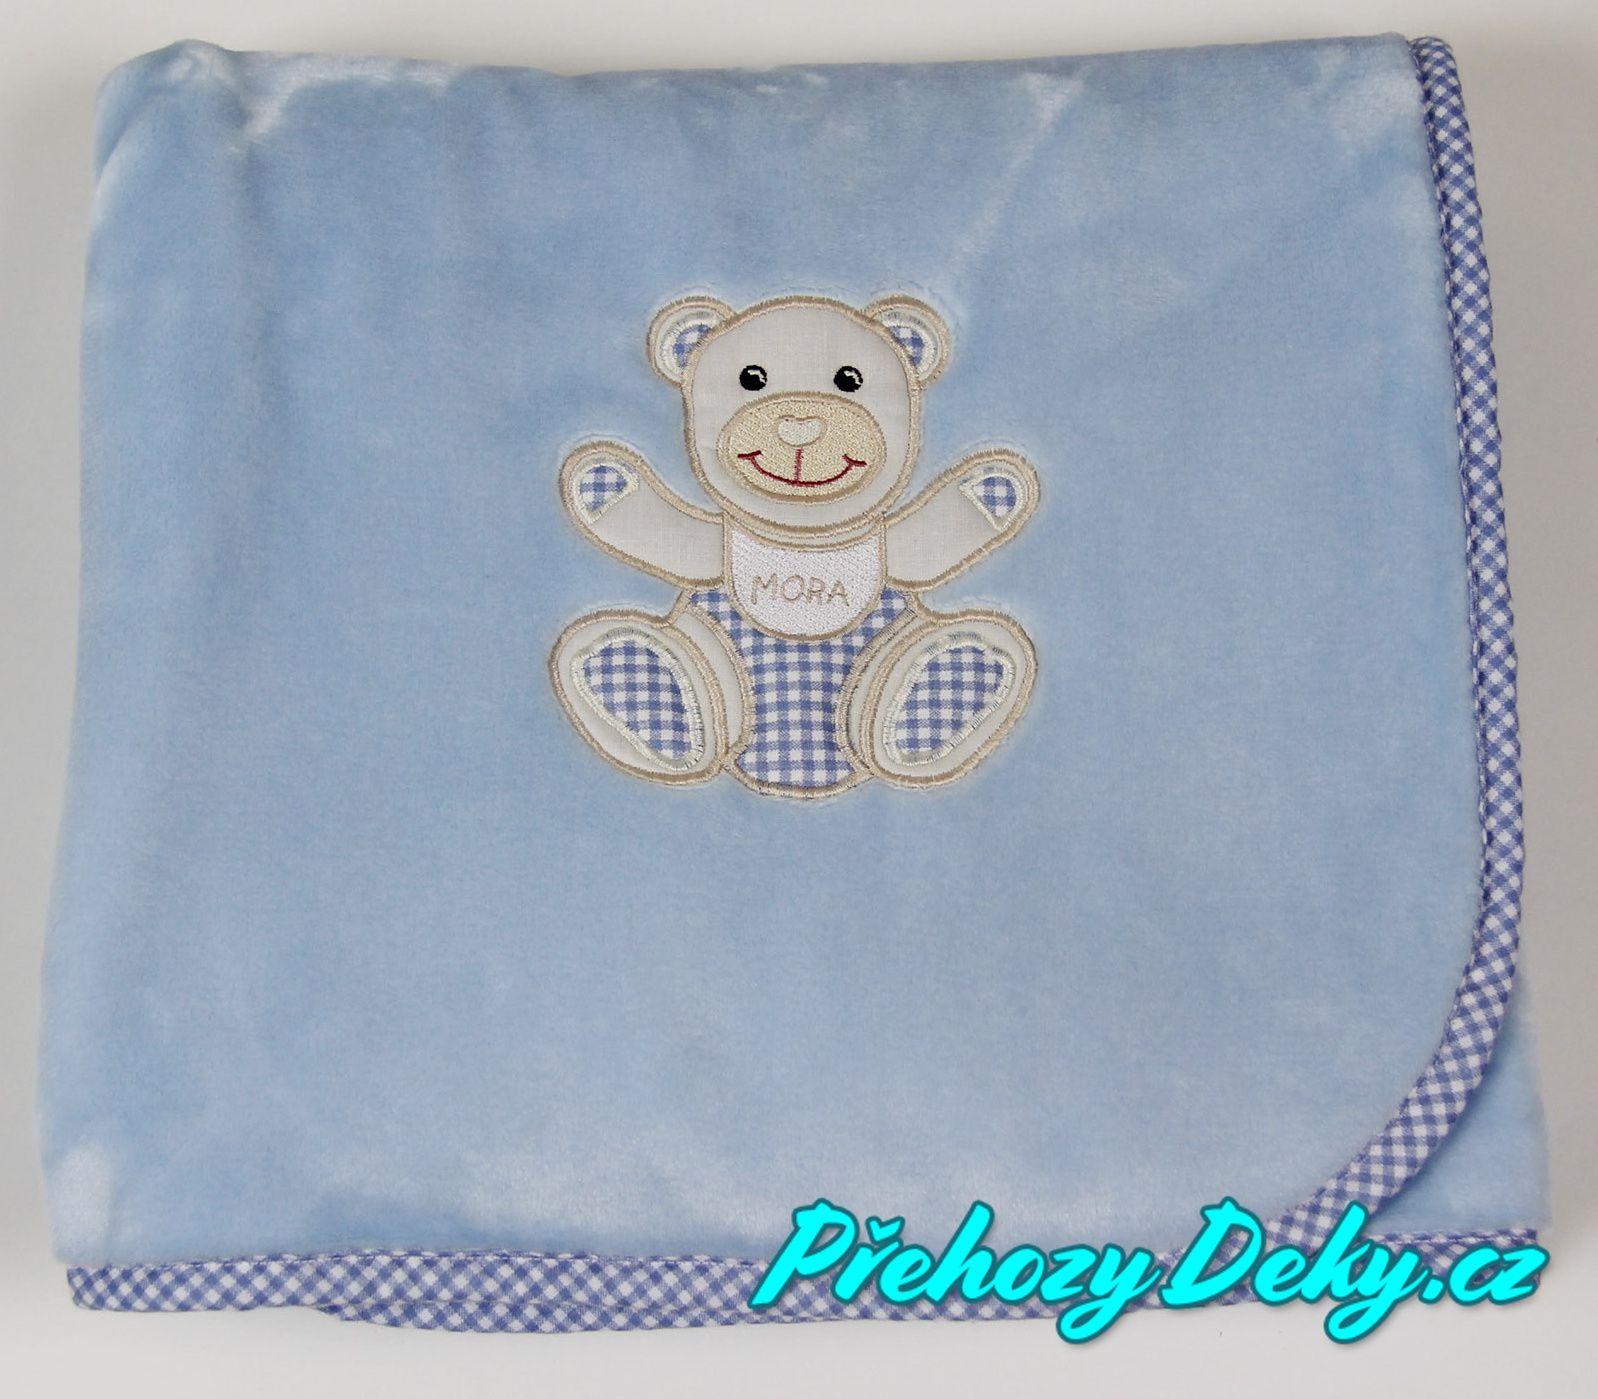 MORA kvalitní španělská deka pro miminka, deka z mikrovlákna